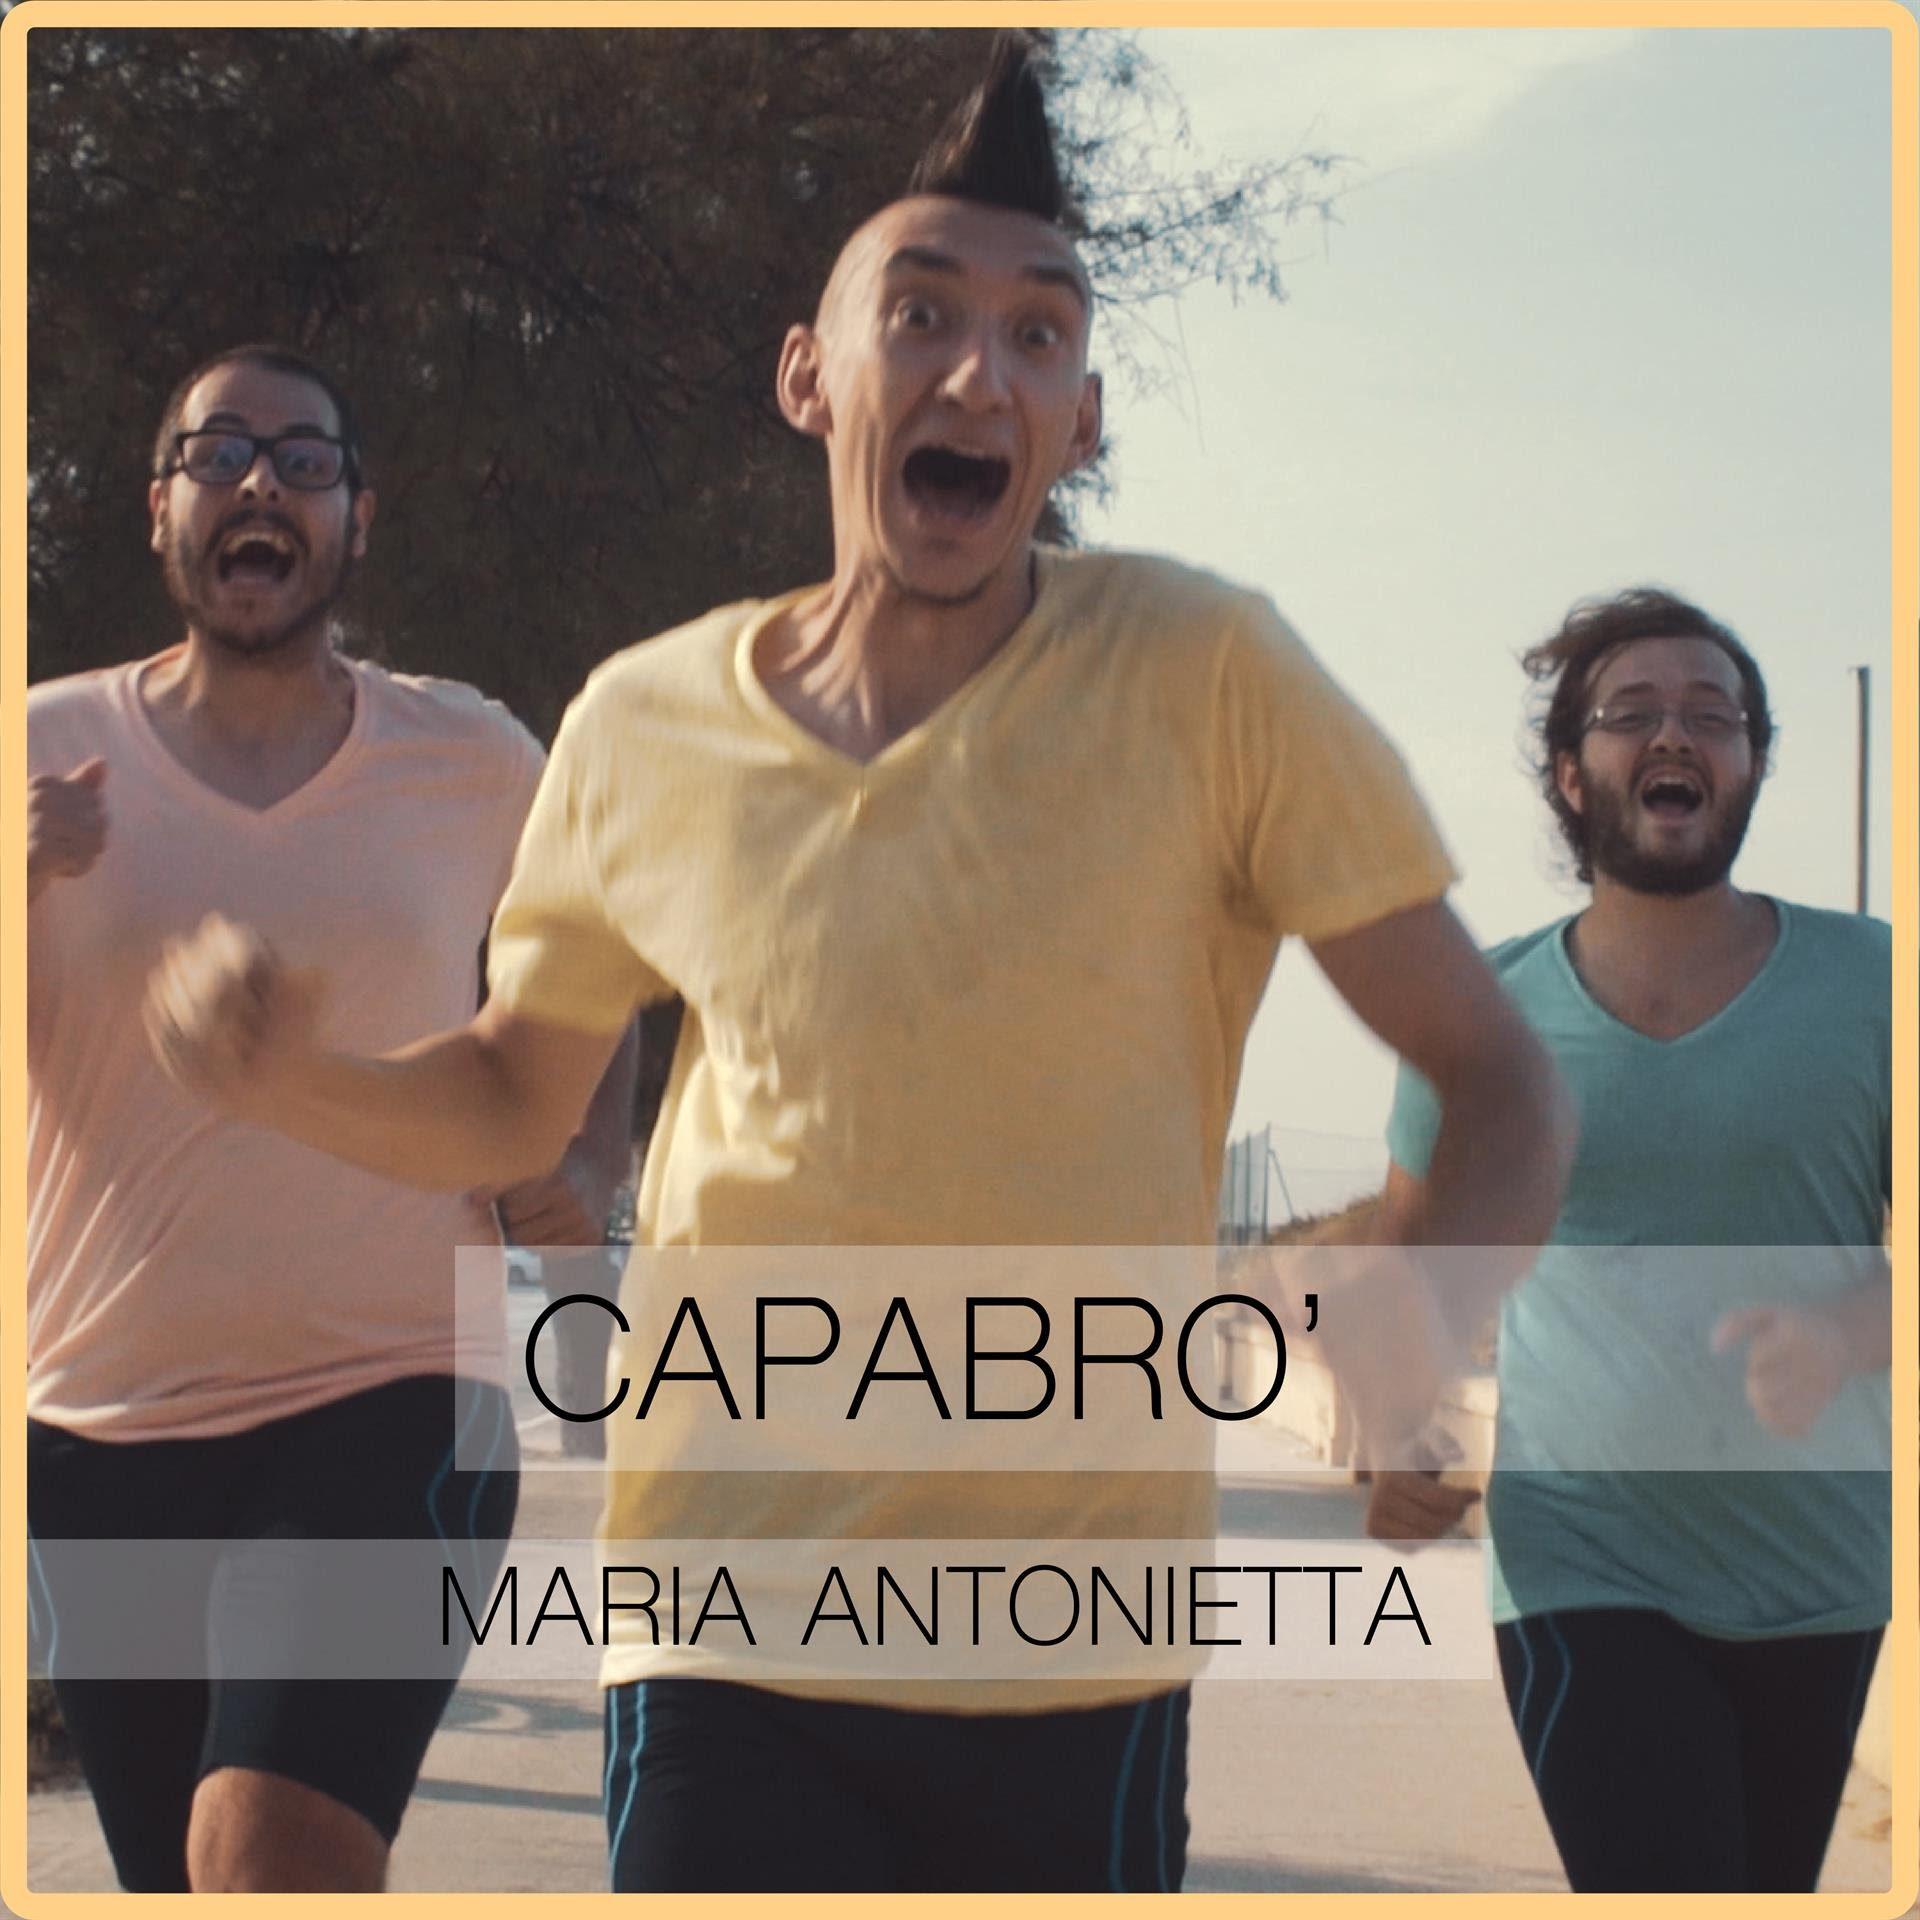 capabrò maria antonietta tour musica intervista angelo andrea vegliante blog fanpage autori disco album corsa labella cover